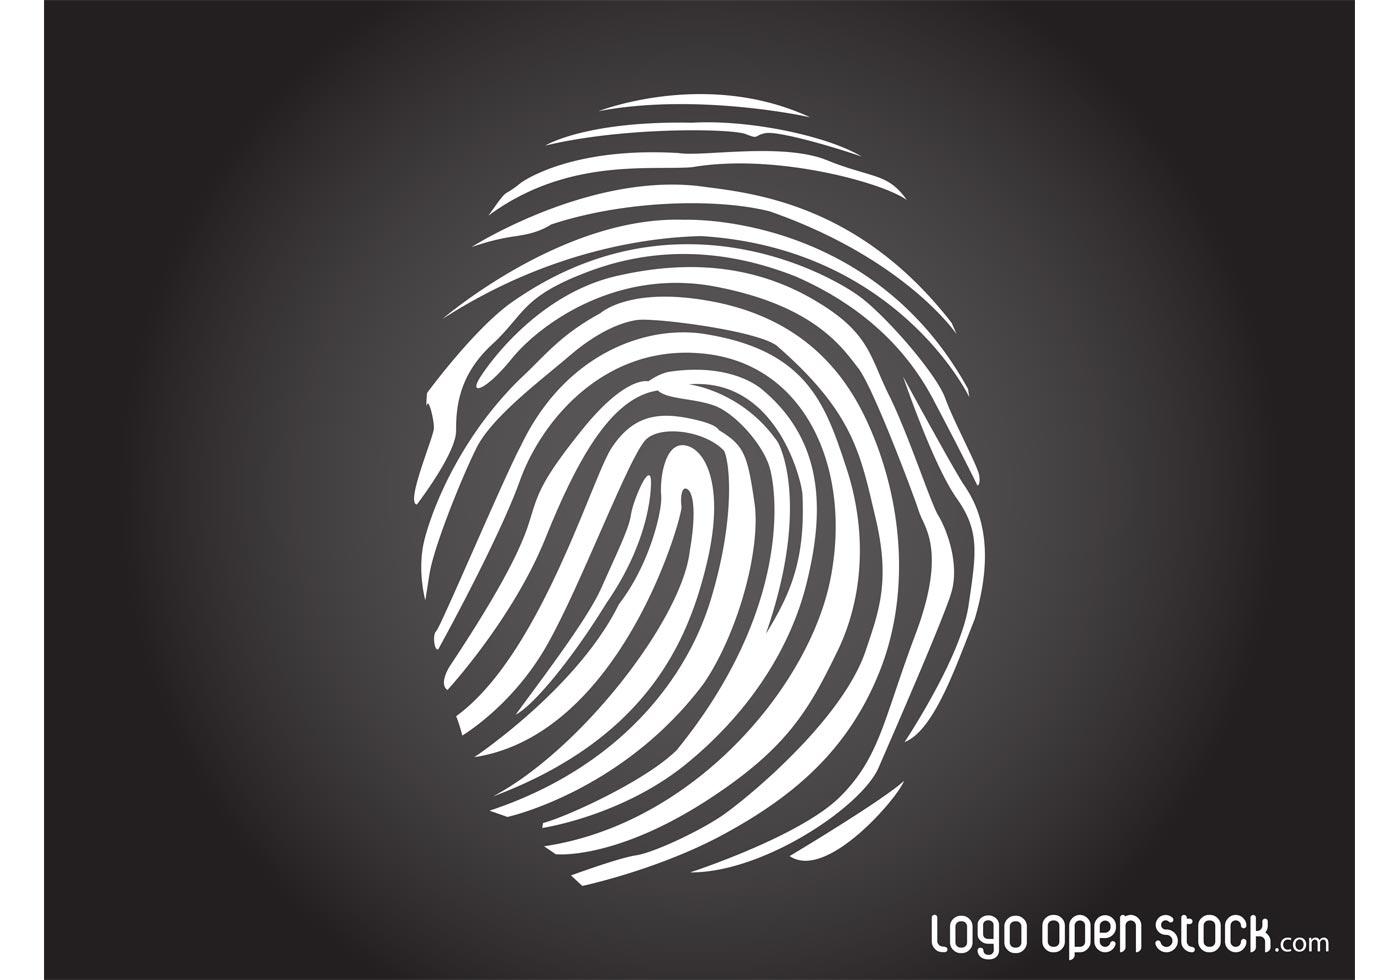 Download Free Vector Art, Stock Graphics